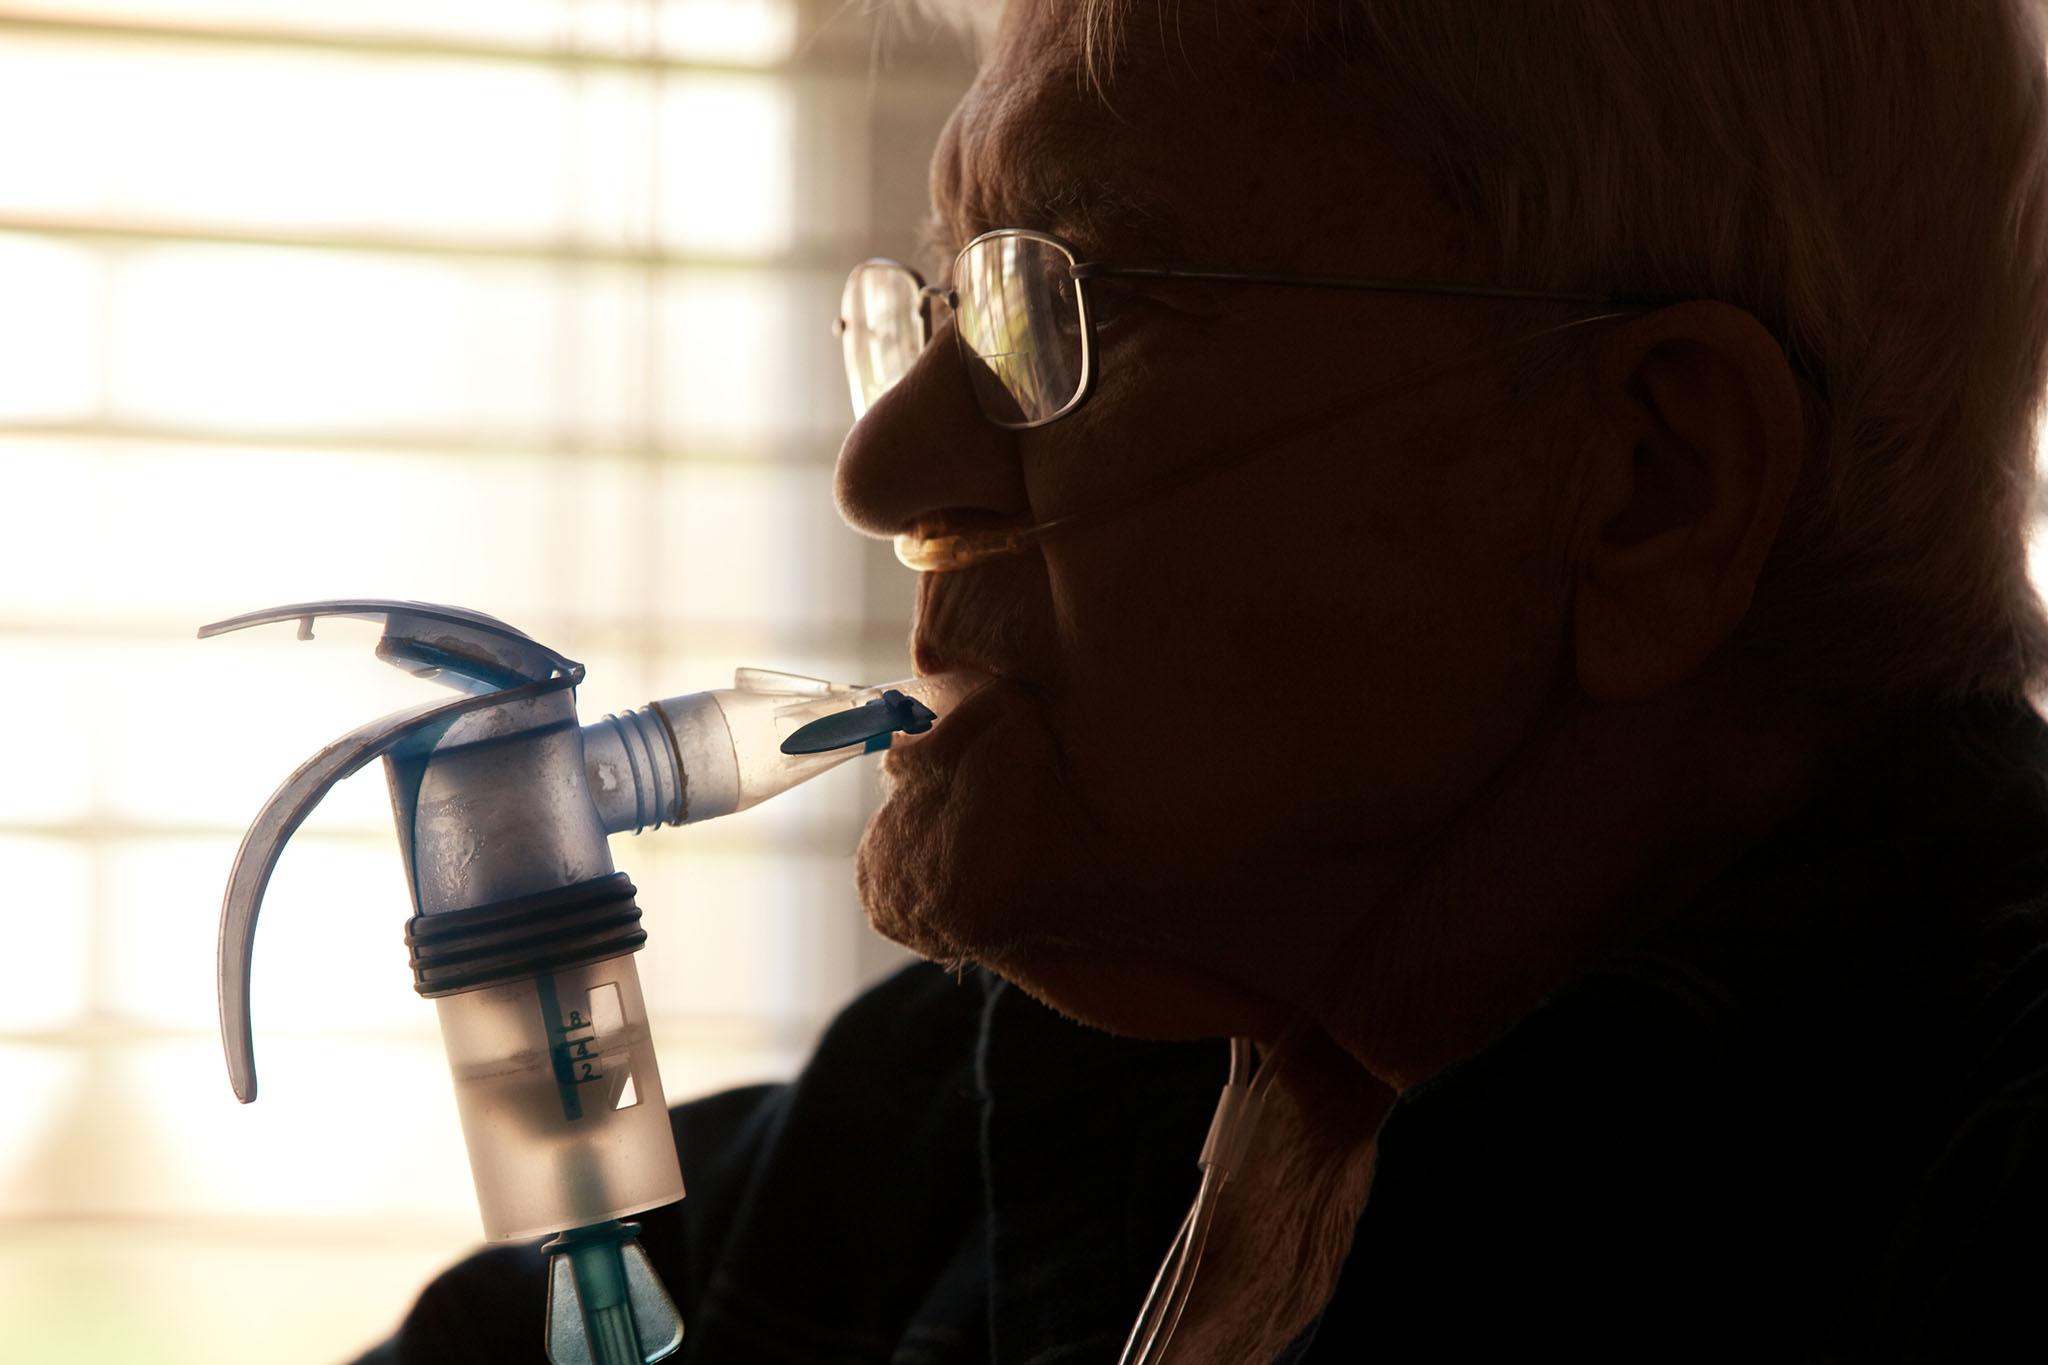 Elderly man using COPD inhaler